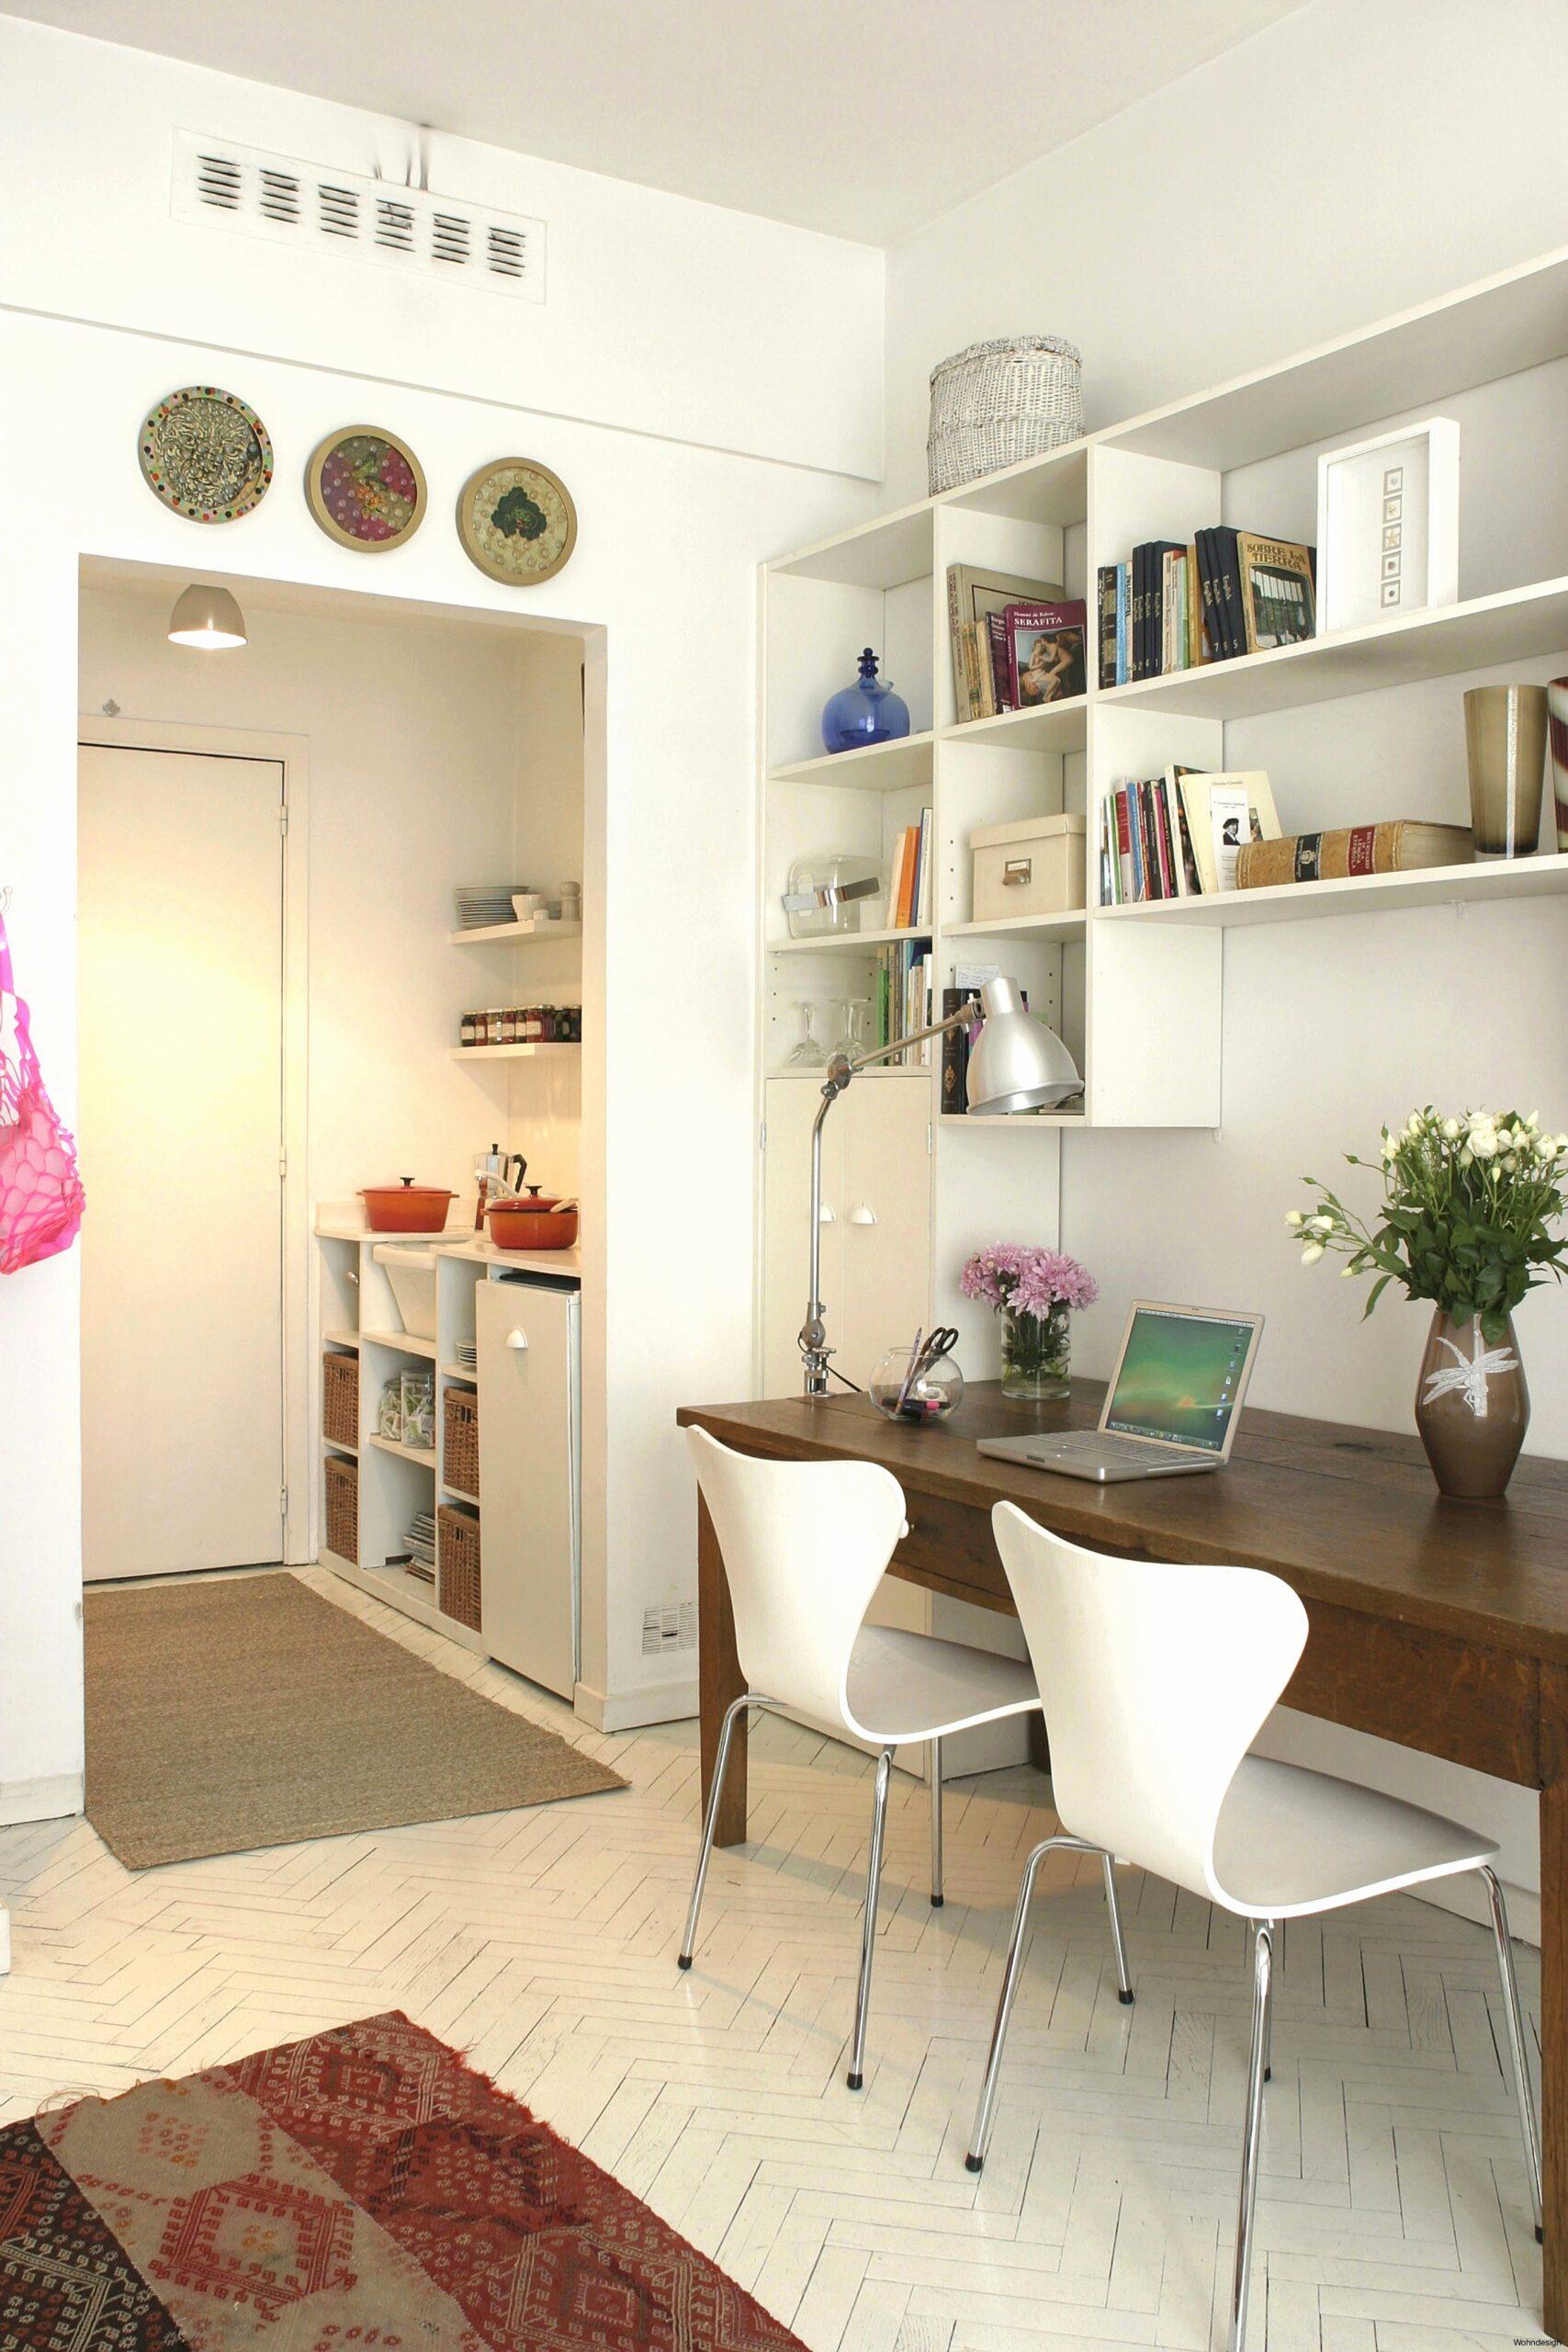 Full Size of Kinderzimmer Junge 5 Jahre Best Einrichten 2 Badezimmer Sofa Regal Regale Kleine Küche Weiß Kinderzimmer Kinderzimmer Einrichten Junge